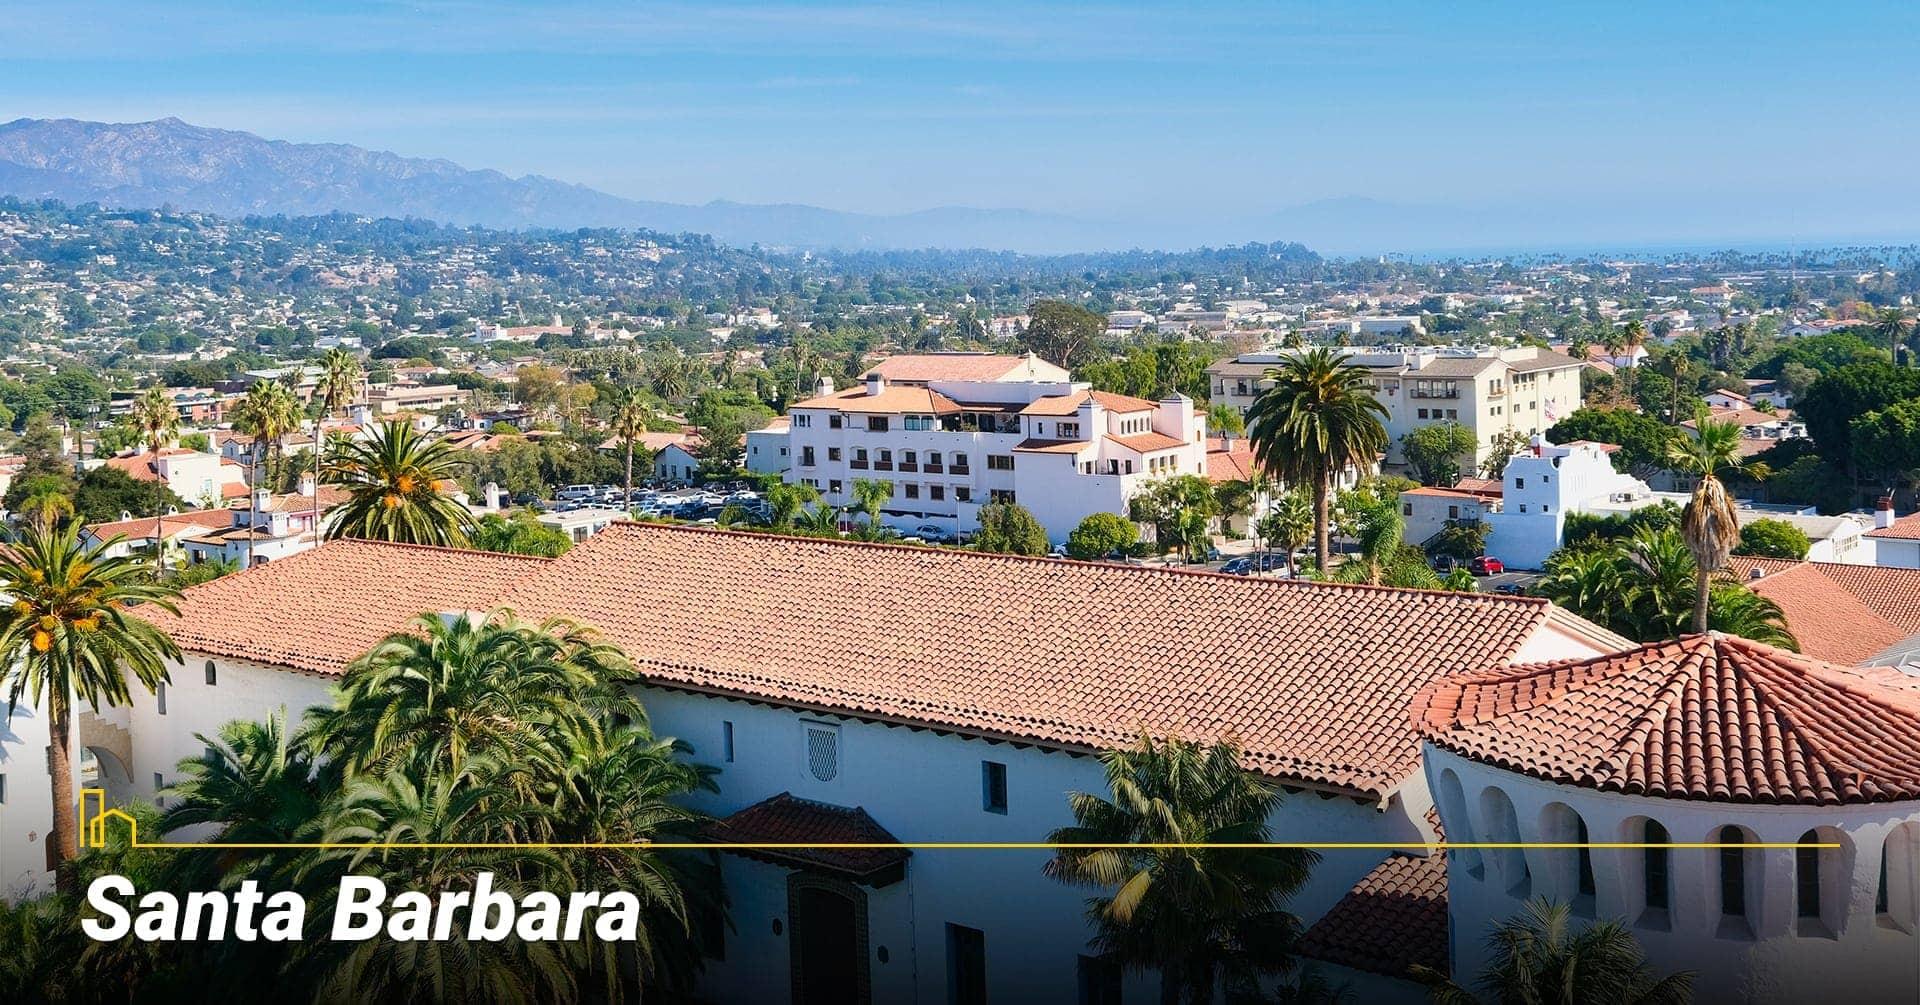 Santa Barbara southern California